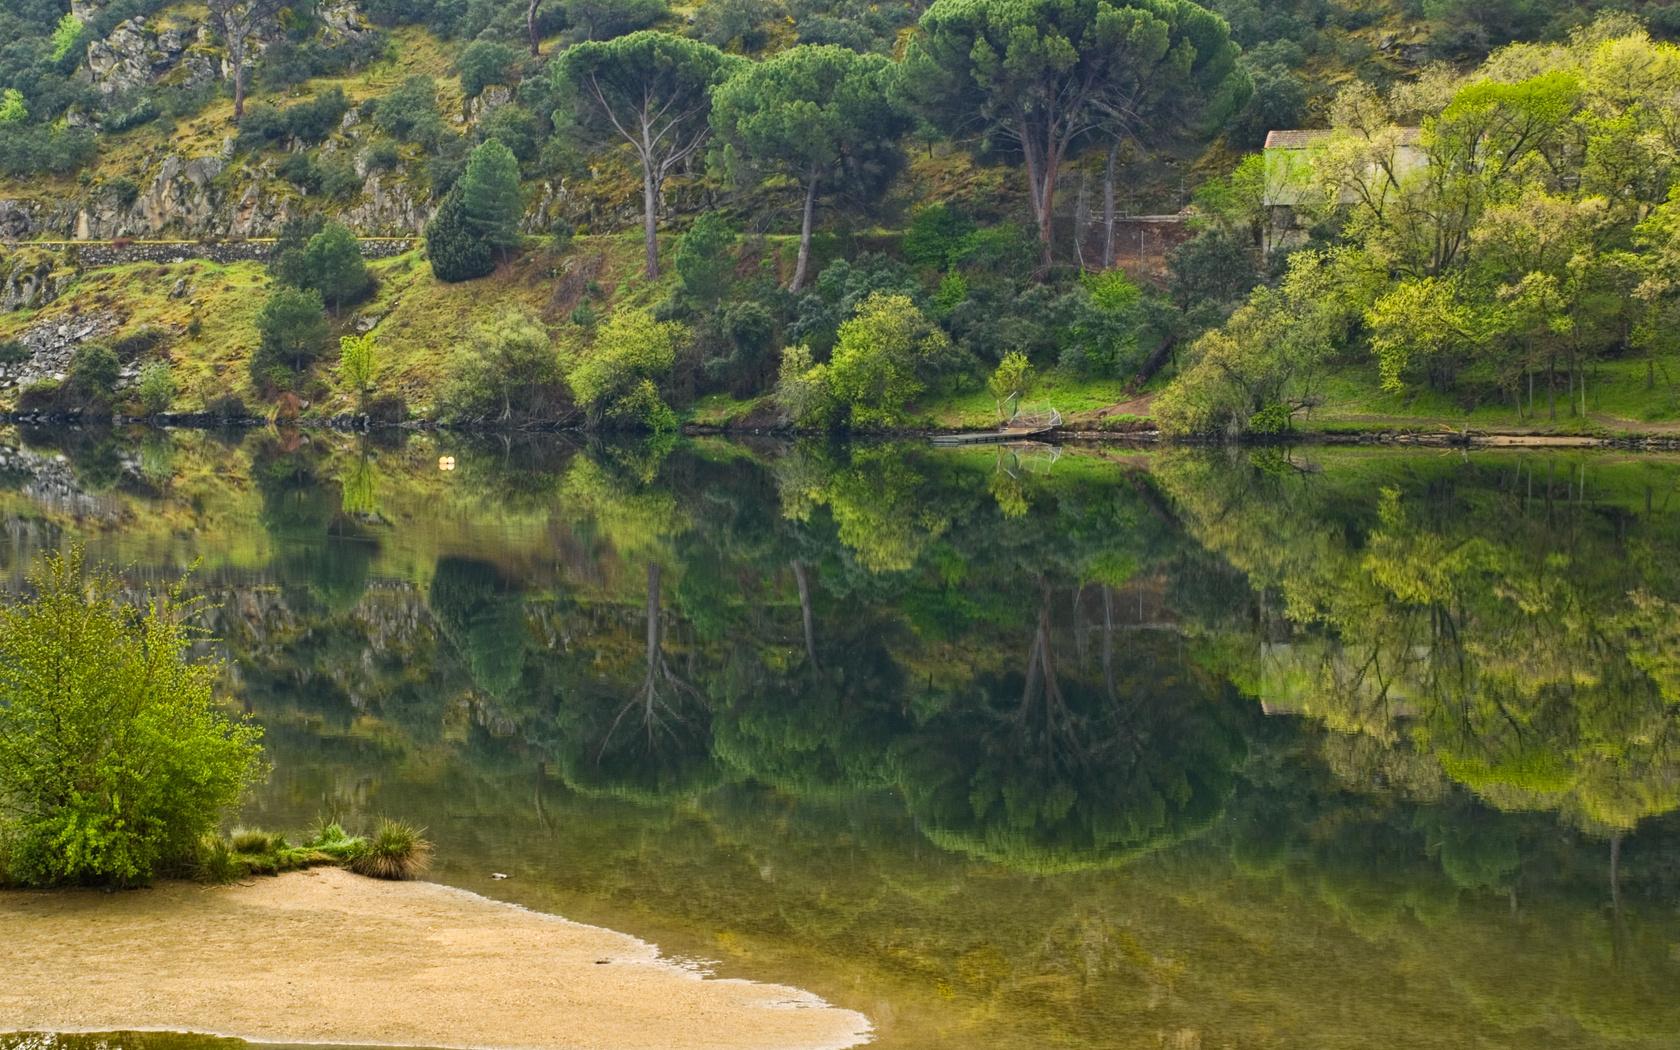 Природа пейзаж лето река деревья